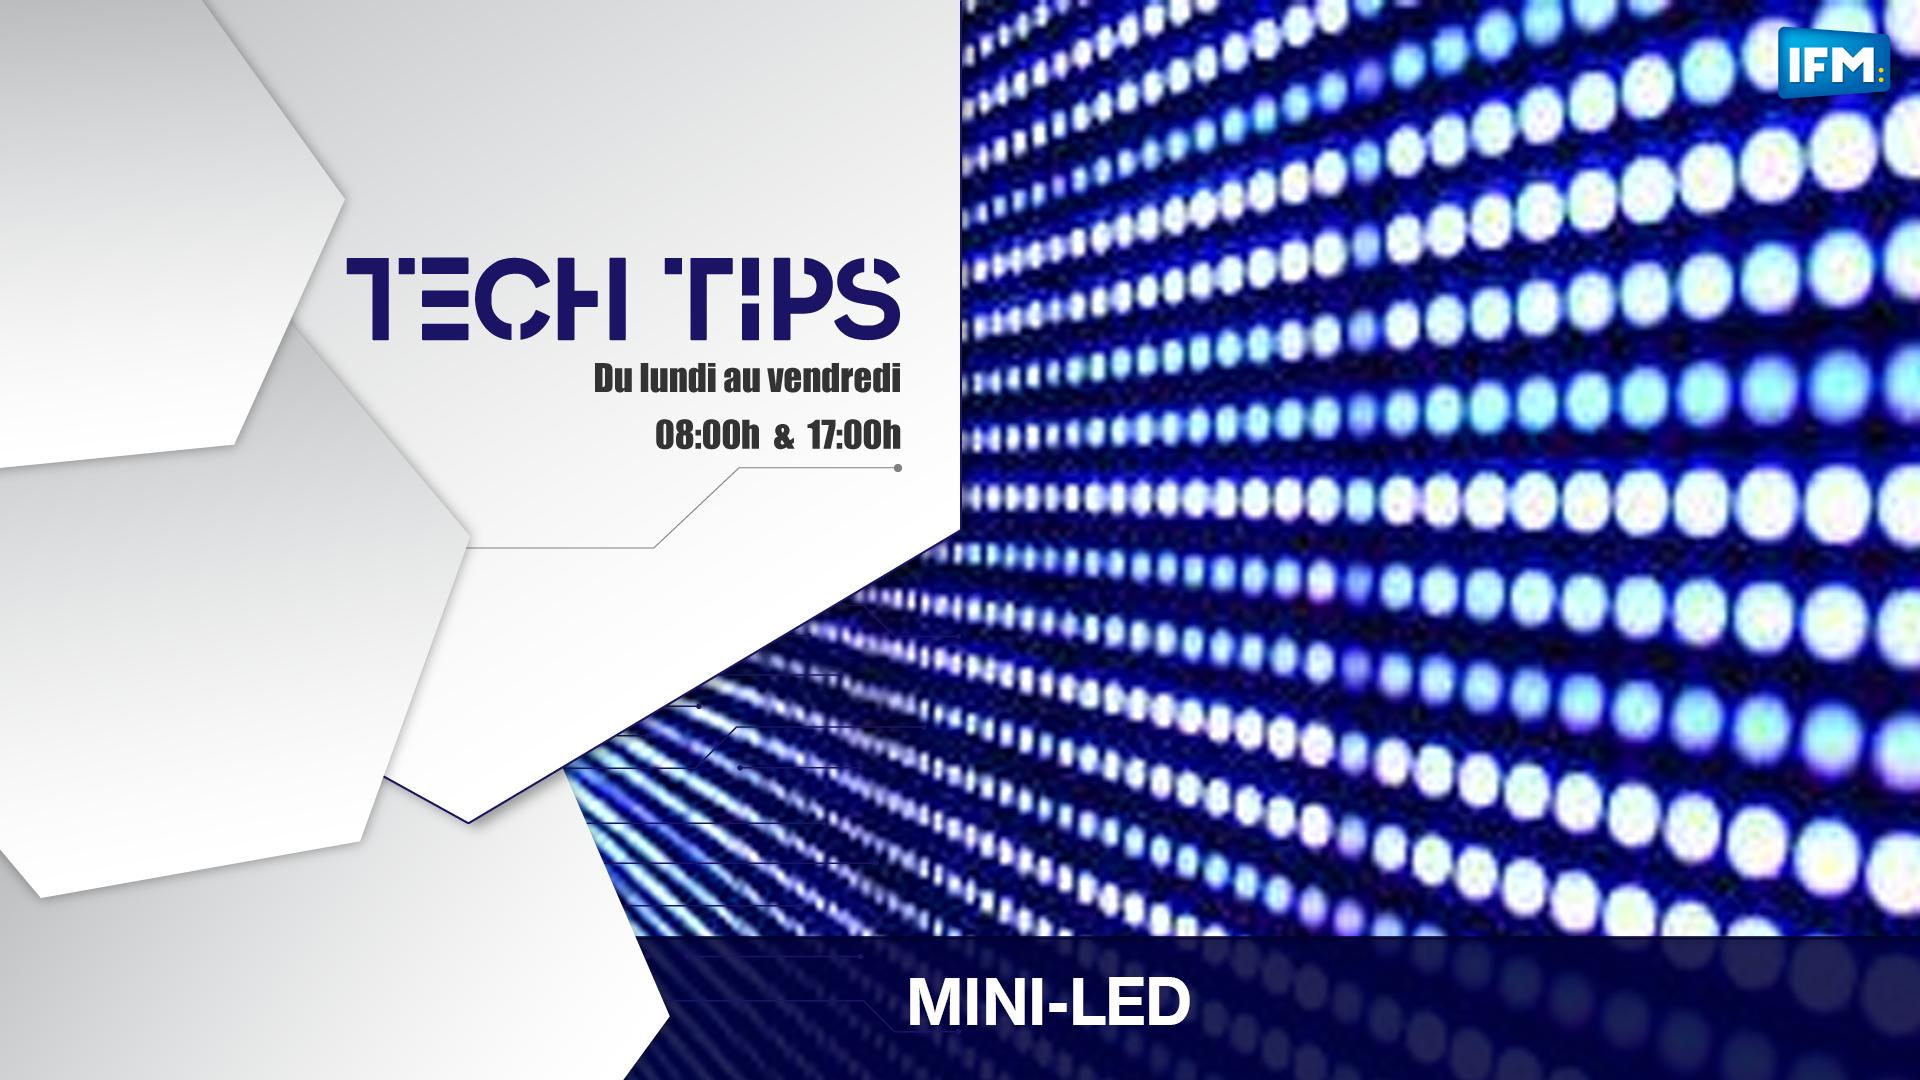 Tech Tips Tech tips: les TV mini-led sont l'avenir!